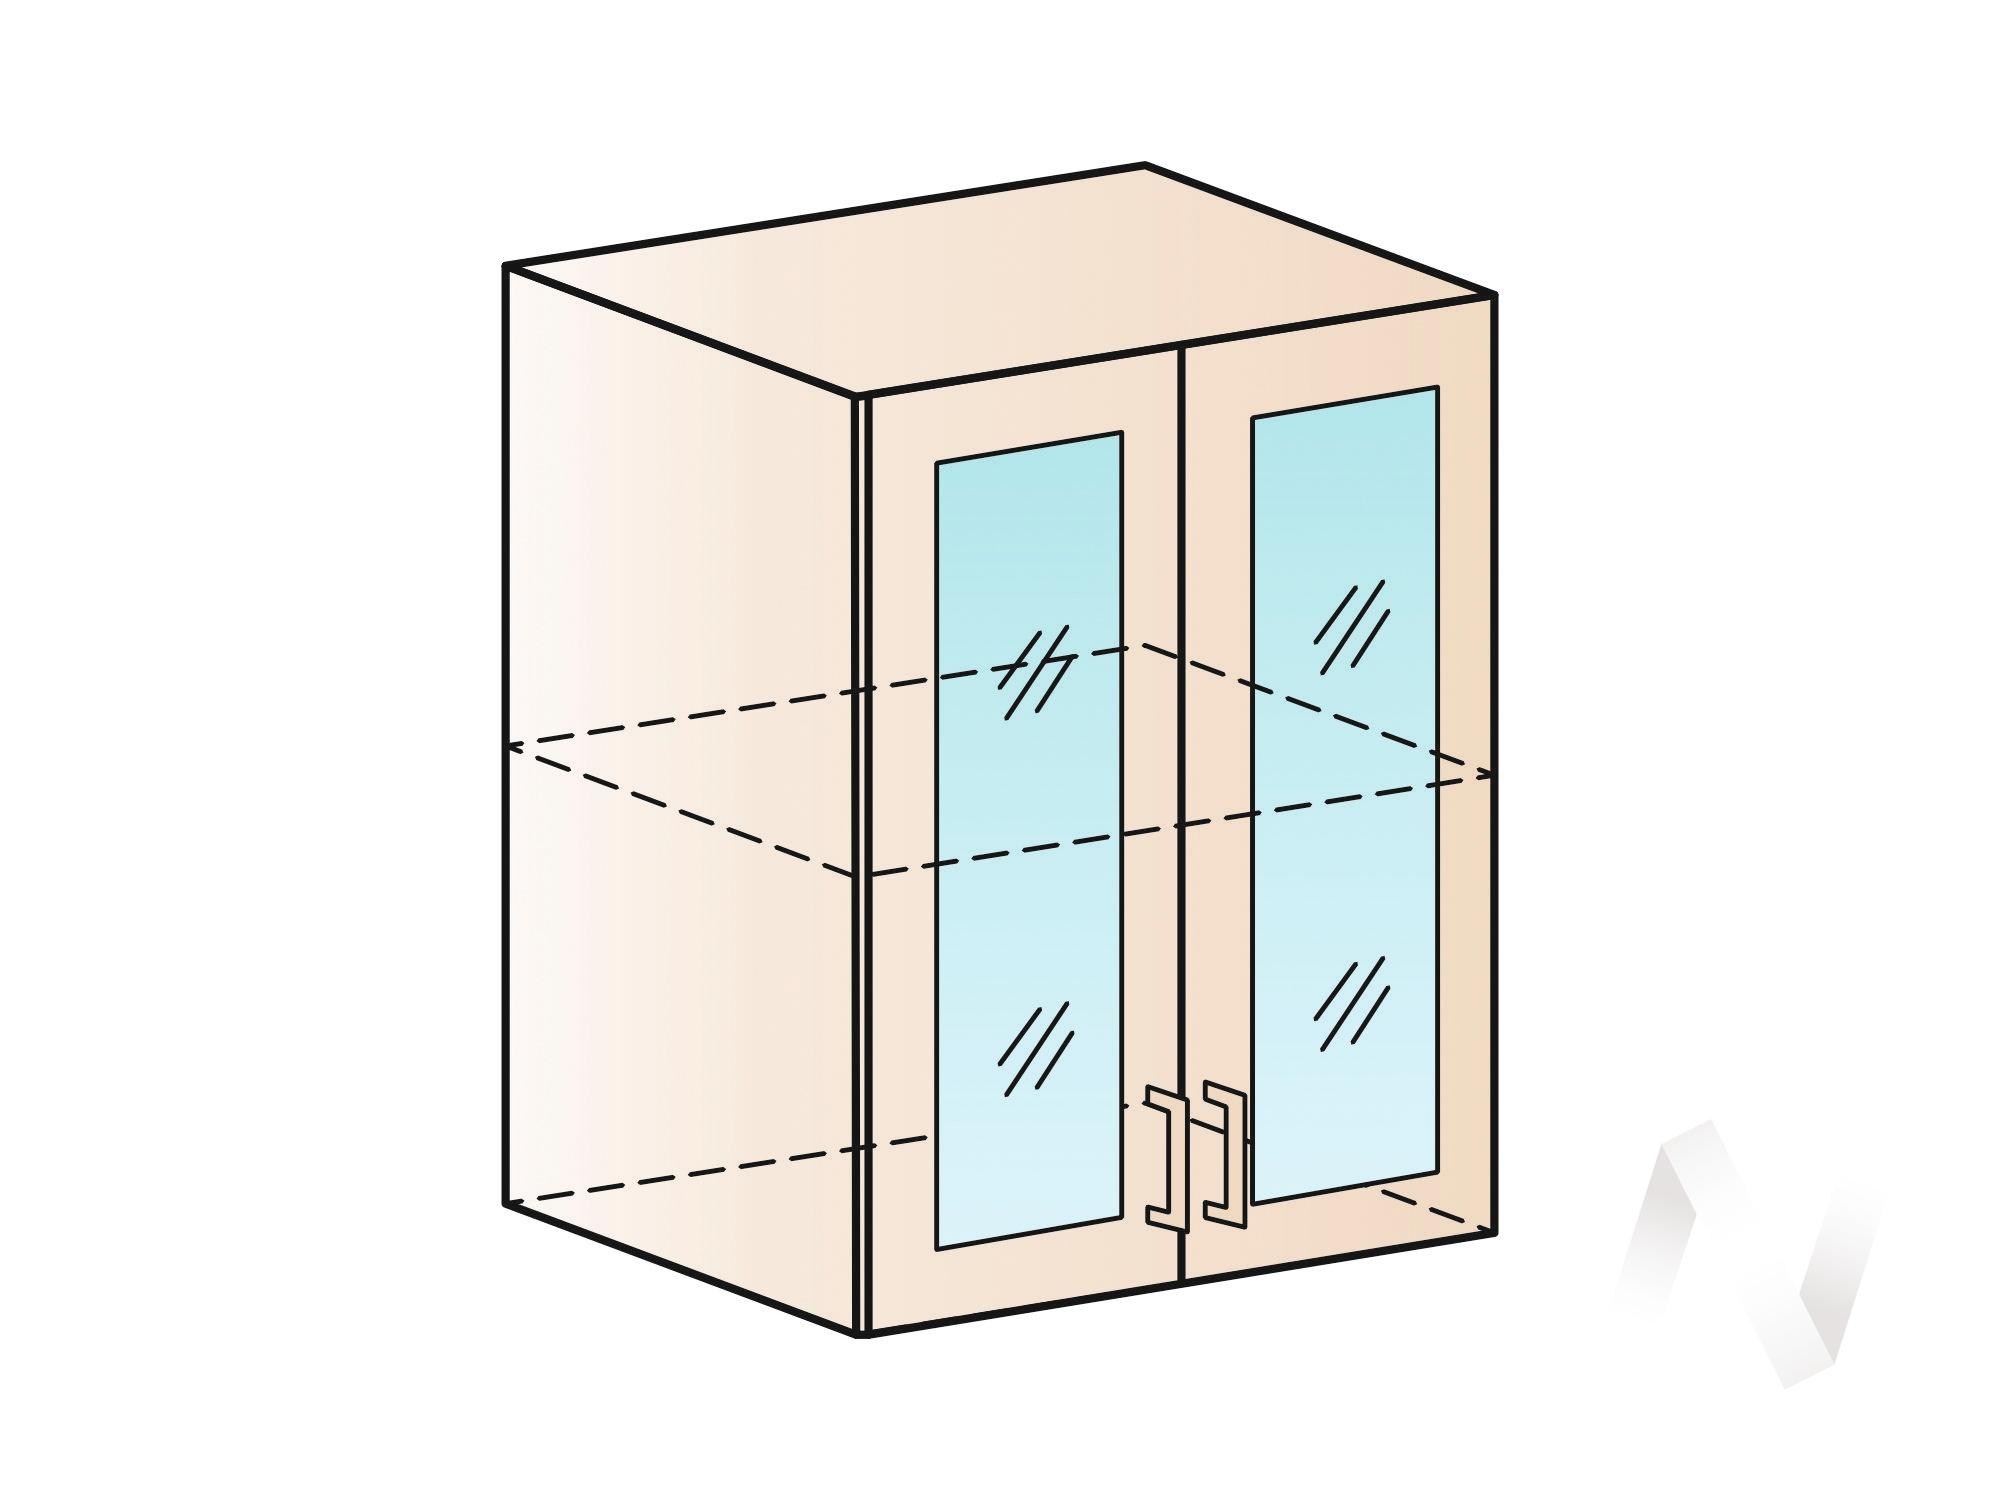 """Кухня """"Люкс"""": Шкаф верхний со стеклом 600, ШВС 600 (Шелк жемчуг/корпус венге) в Томске — авторская мебель Экостиль"""